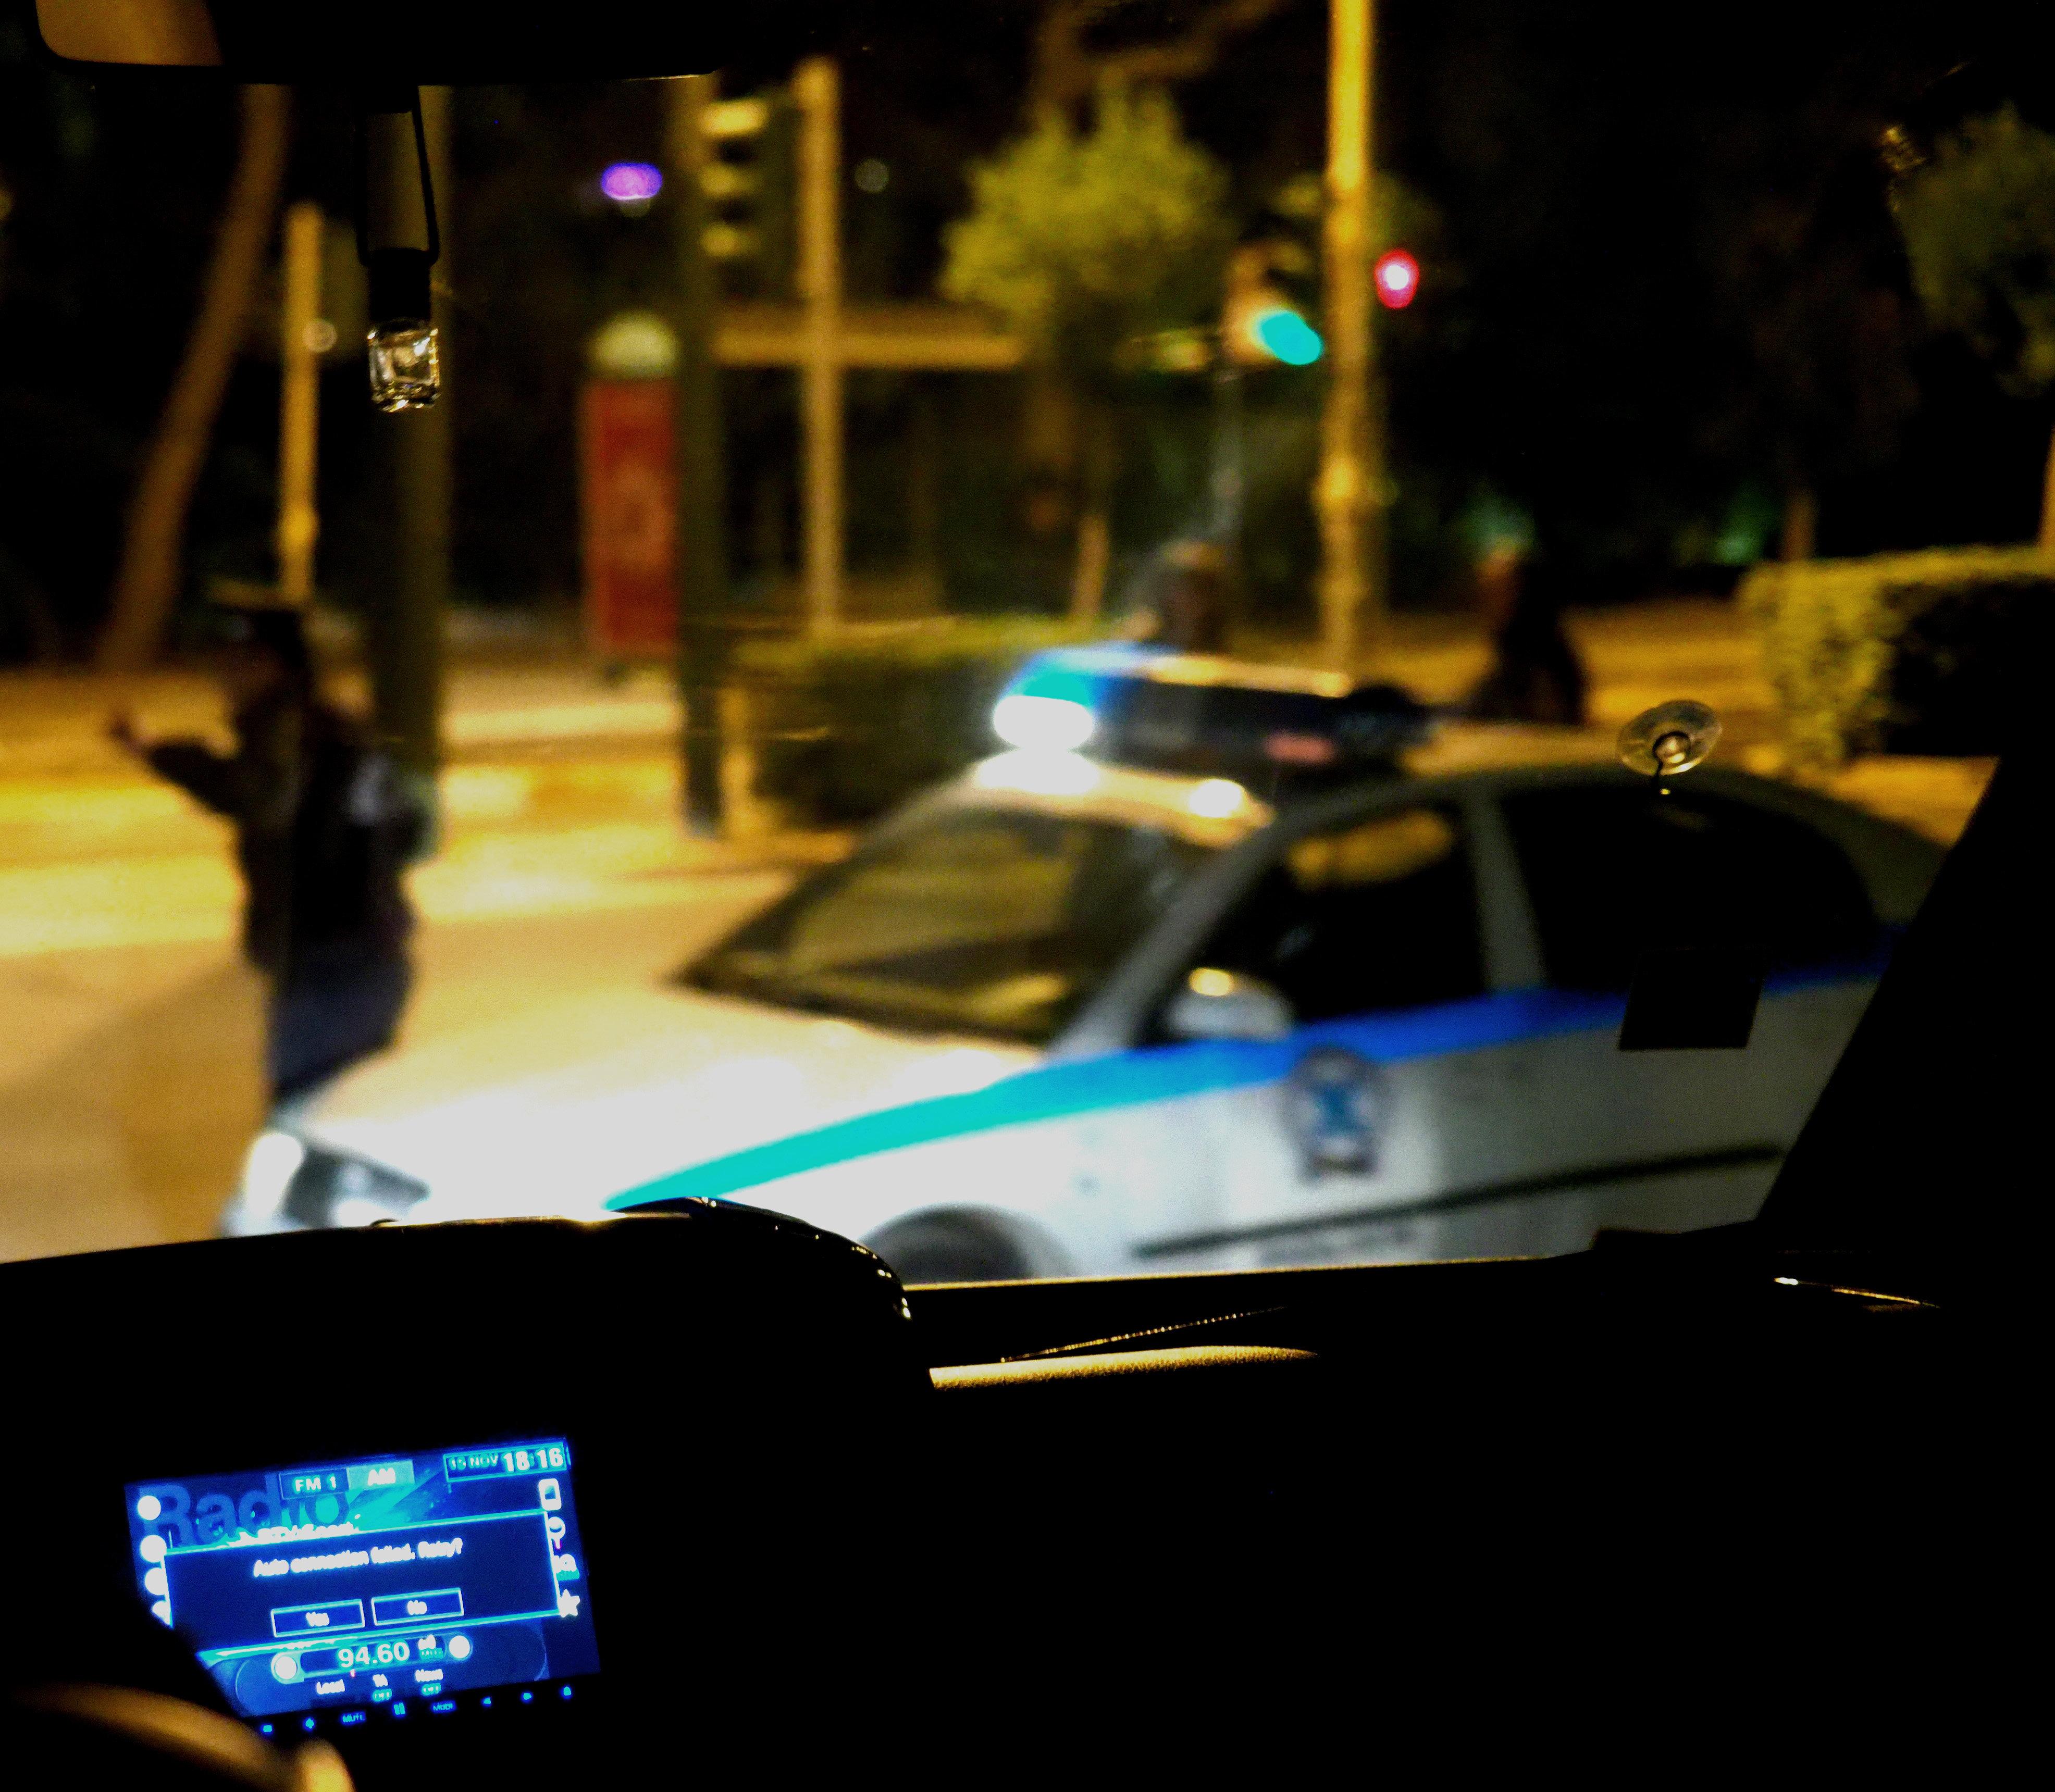 Αιματηρό επεισόδιο στη Θεσσαλονίκη: Άγνωστος πυροβόλησε